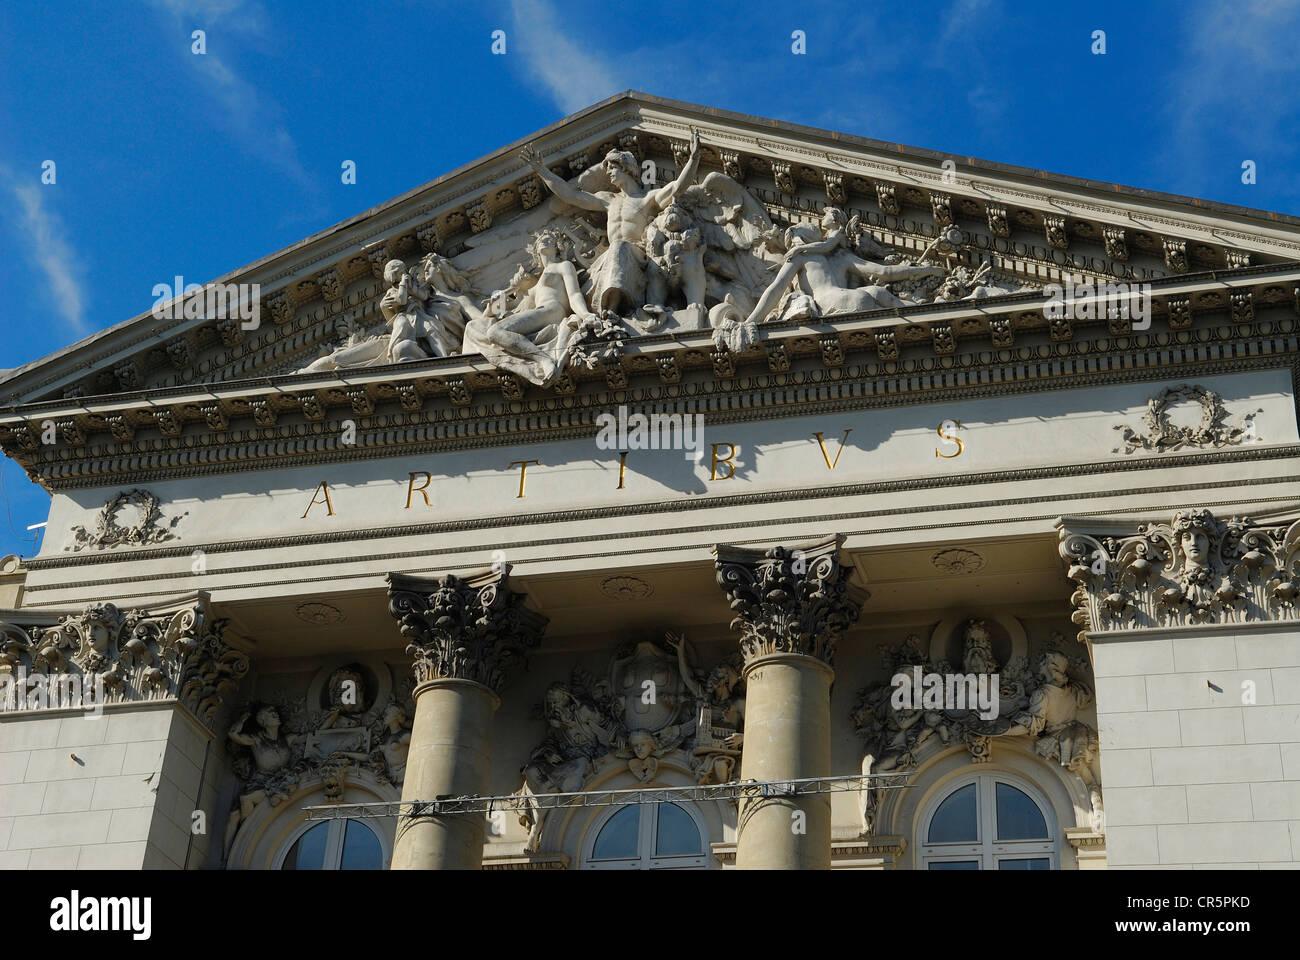 Poland, Warsaw, Zacheta National Art Gallery, pl. Malachowskiego 3 - Stock Image